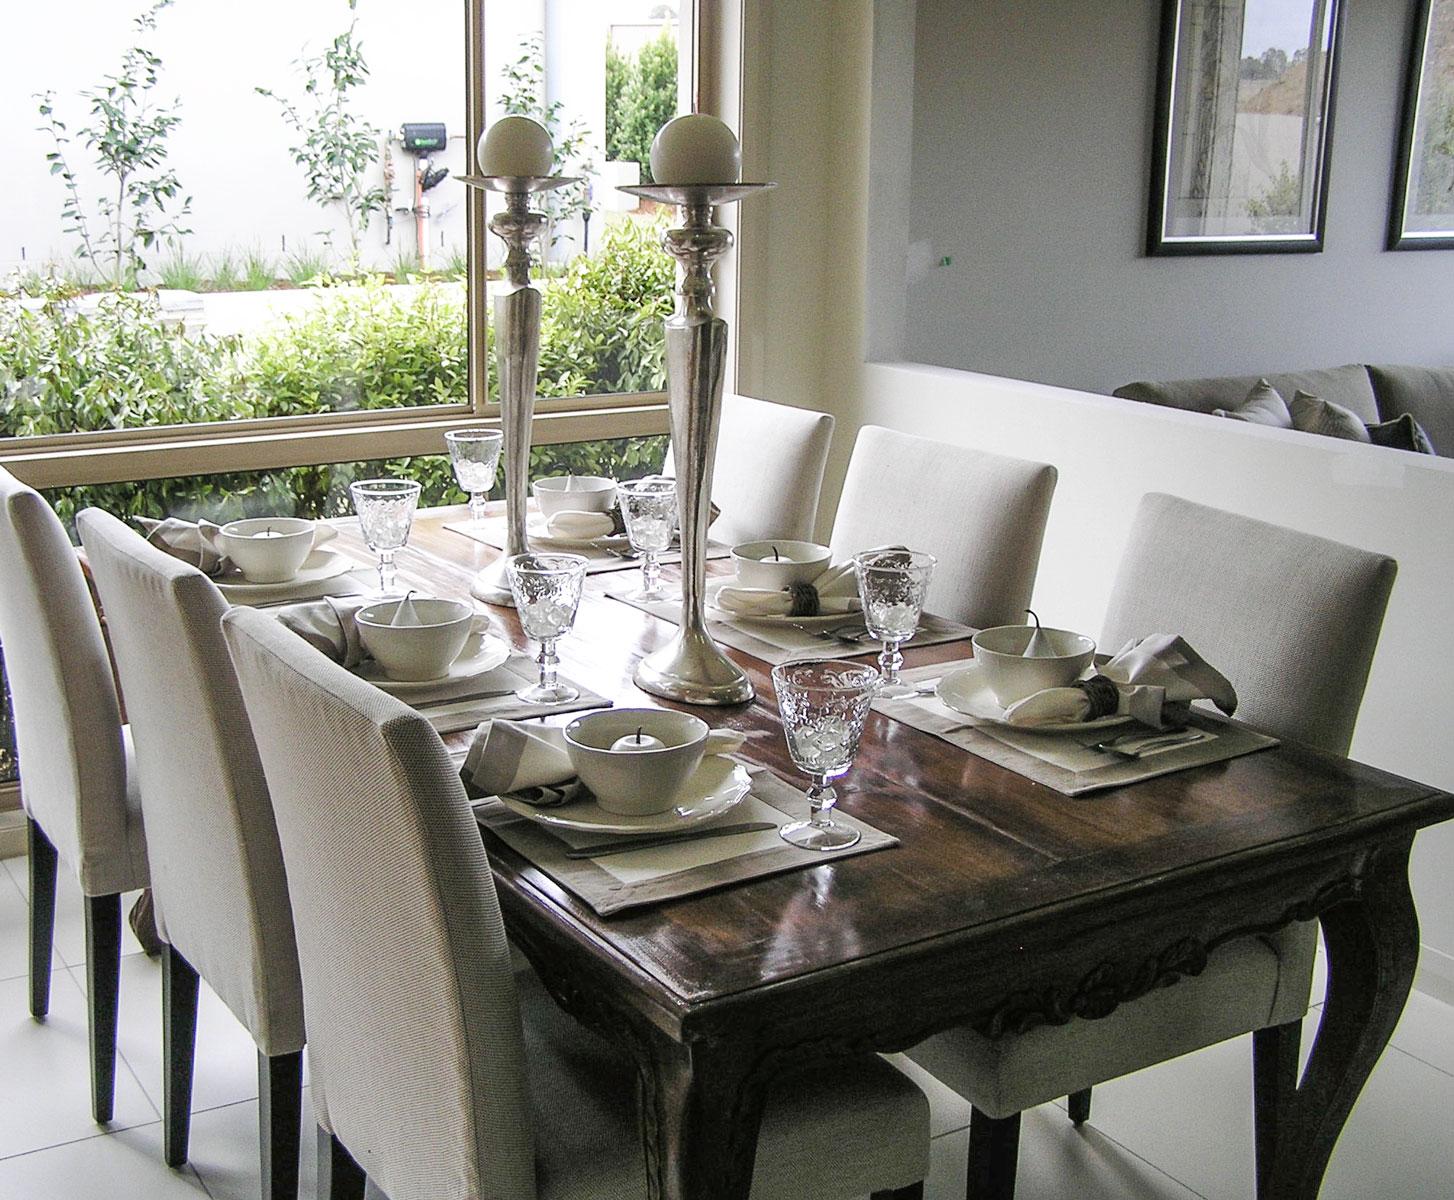 1202-Dining-1.jpg